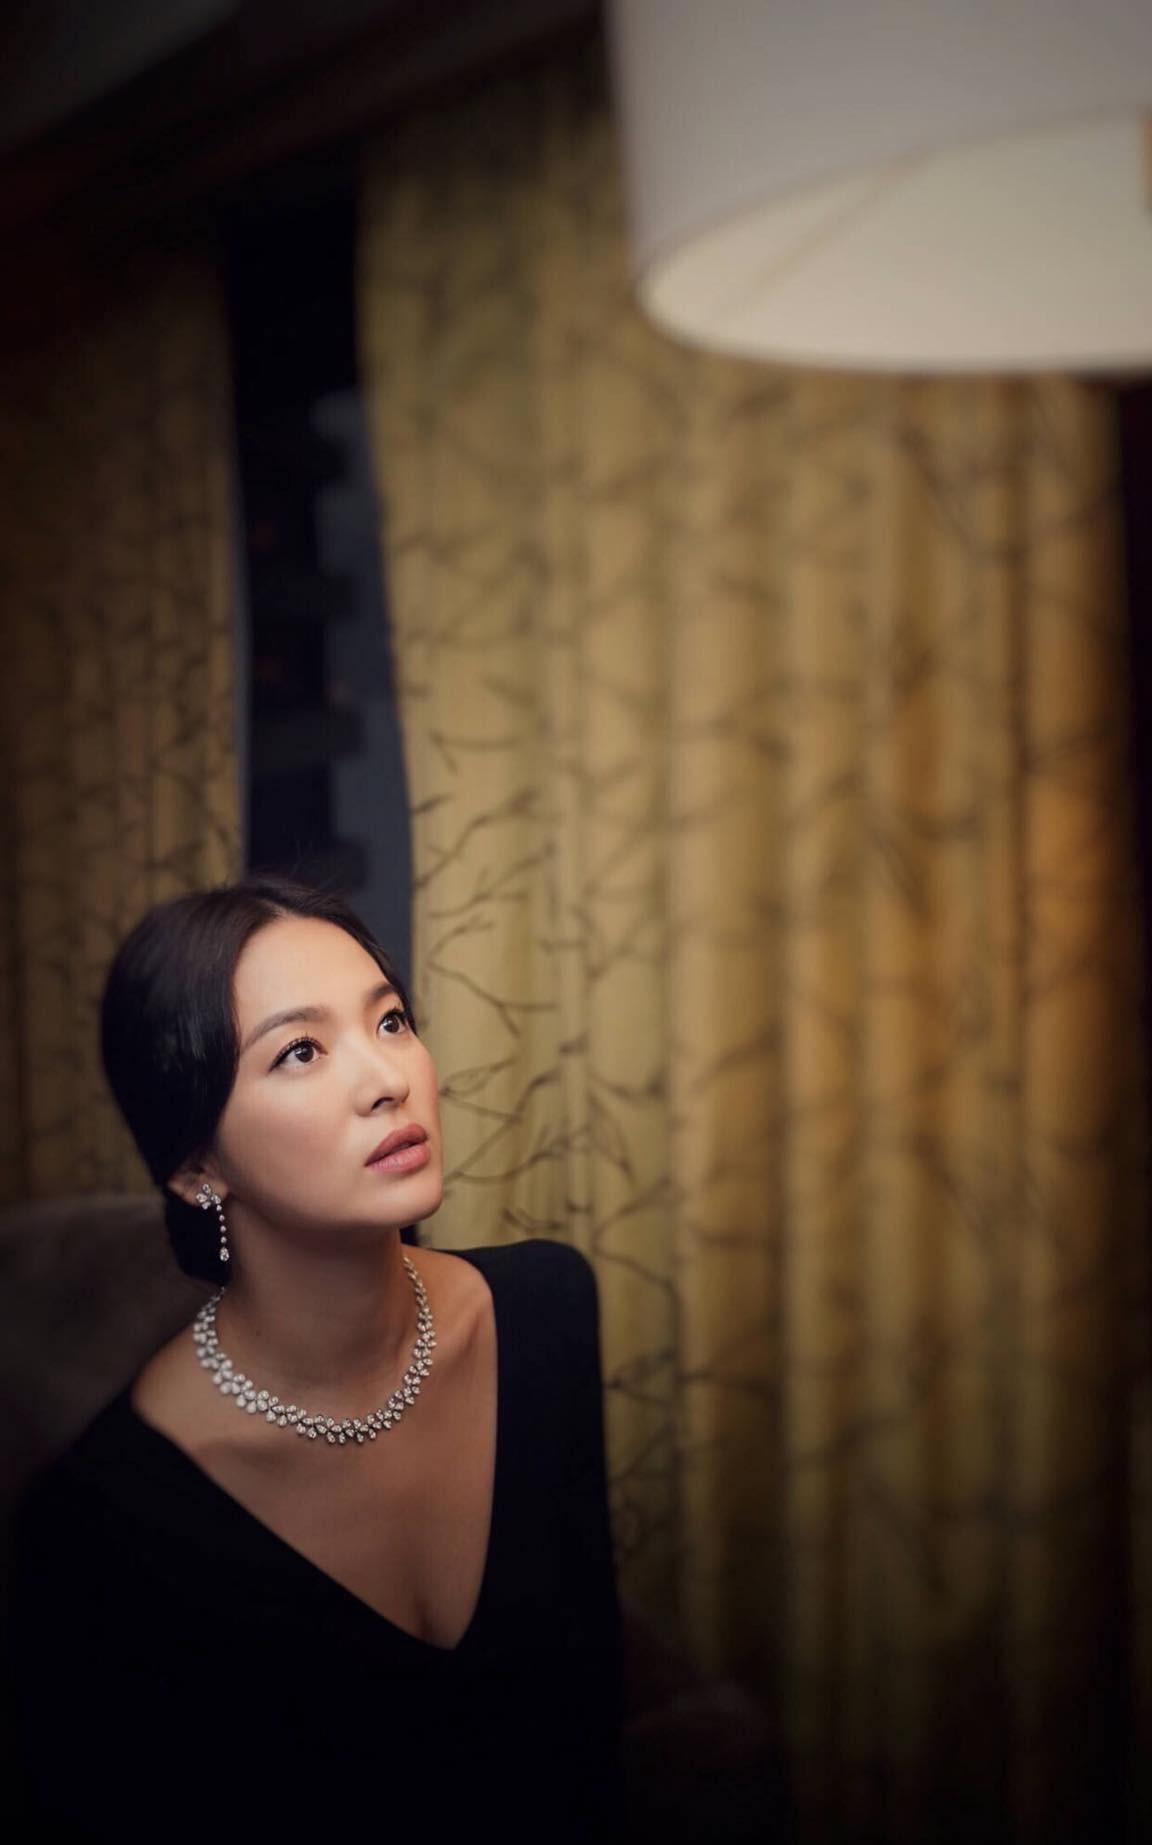 Ảnh sự kiện bị chê tơi tả vì dừ, Song Hye Kyo gây náo loạn vì ảnh hậu trường đỉnh cao như tác phẩm nghệ thuật - Ảnh 2.